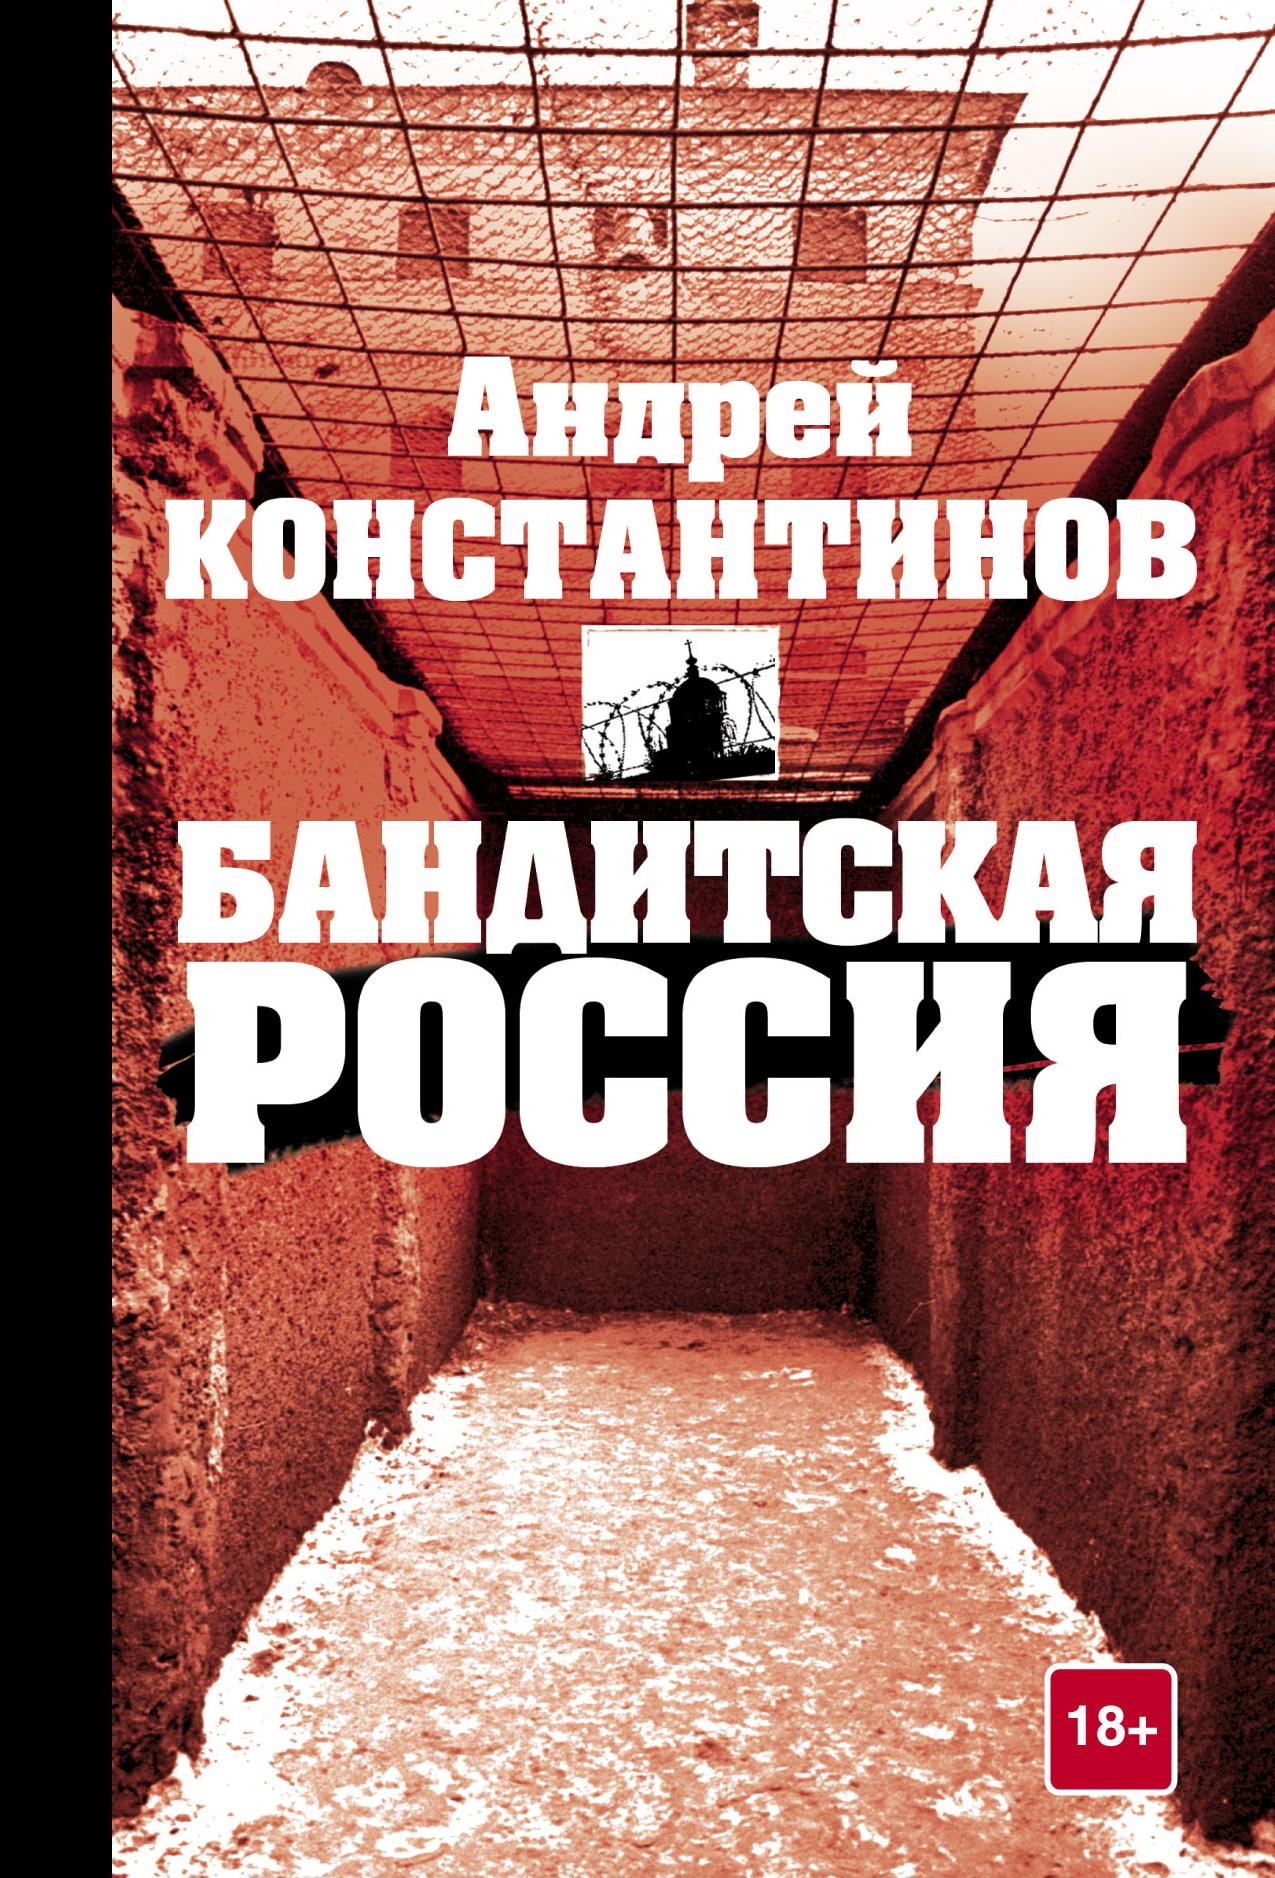 Константинов А. Бандитская Россия